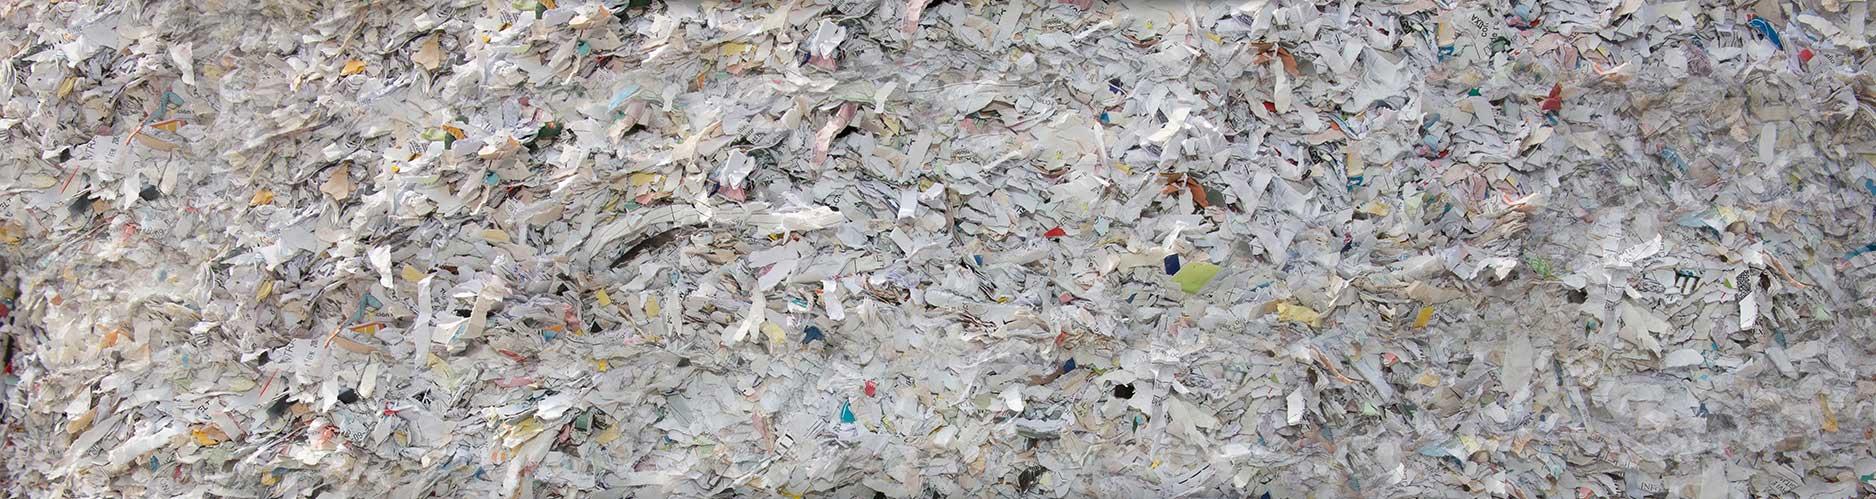 rua papel gestión integral de residuos destrucción confidencial de documentos resultado slide escritorio